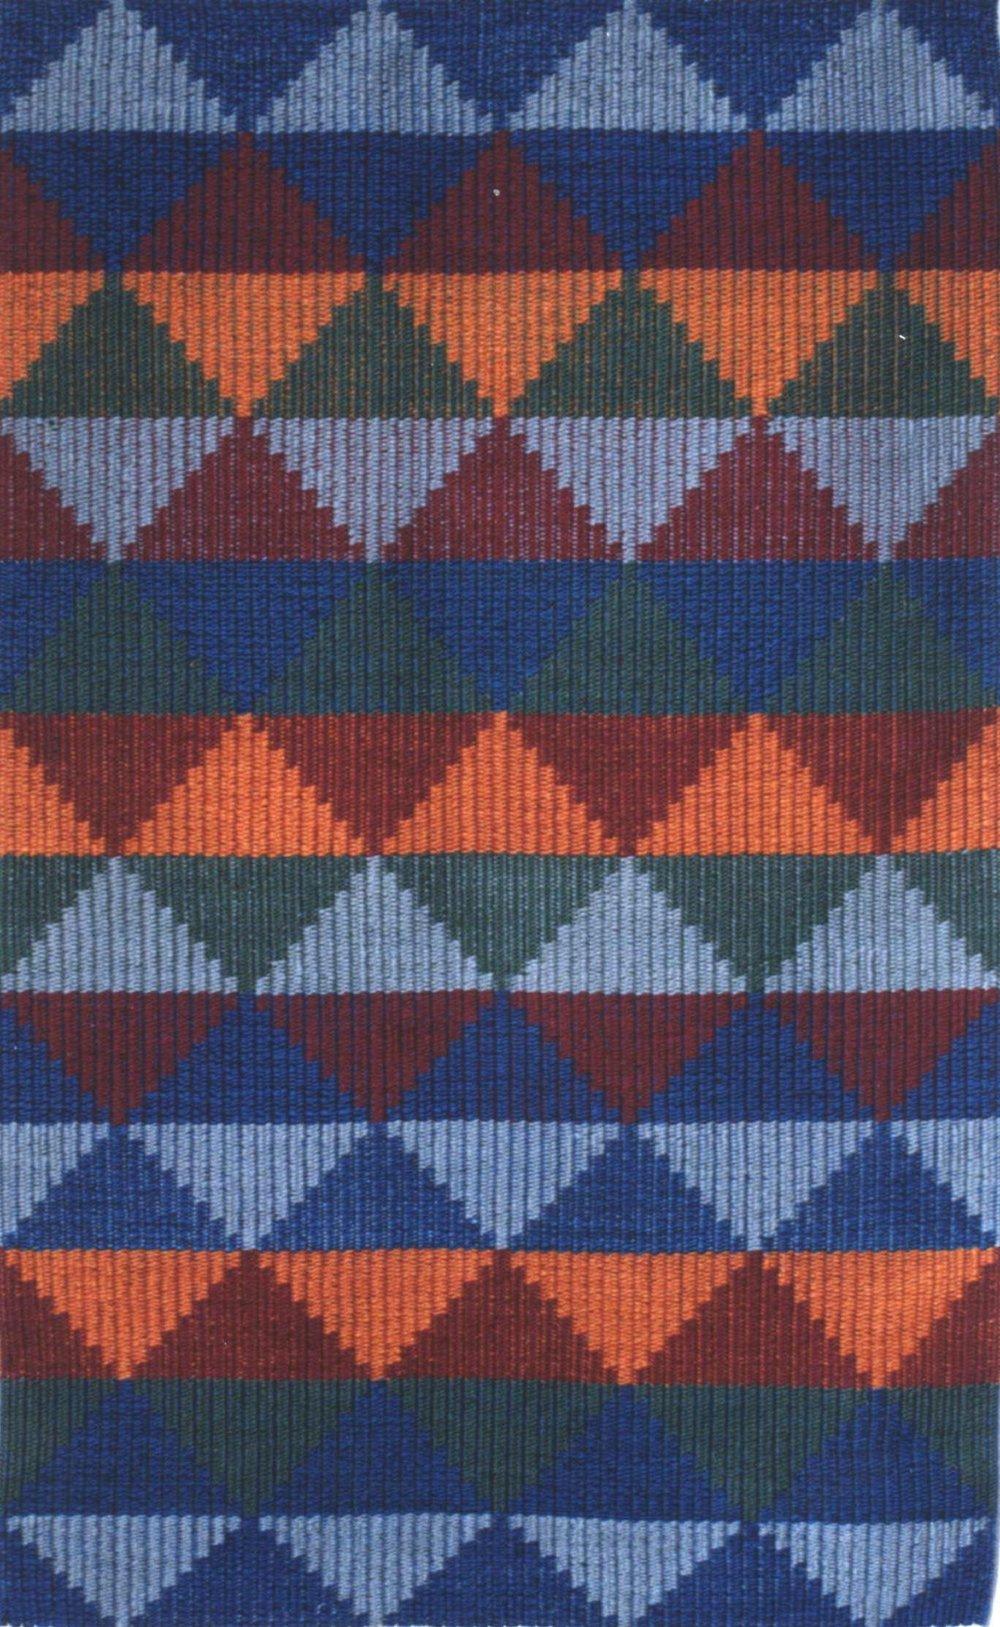 JJ0085. Cotton & linen. 110 x 185 cm.